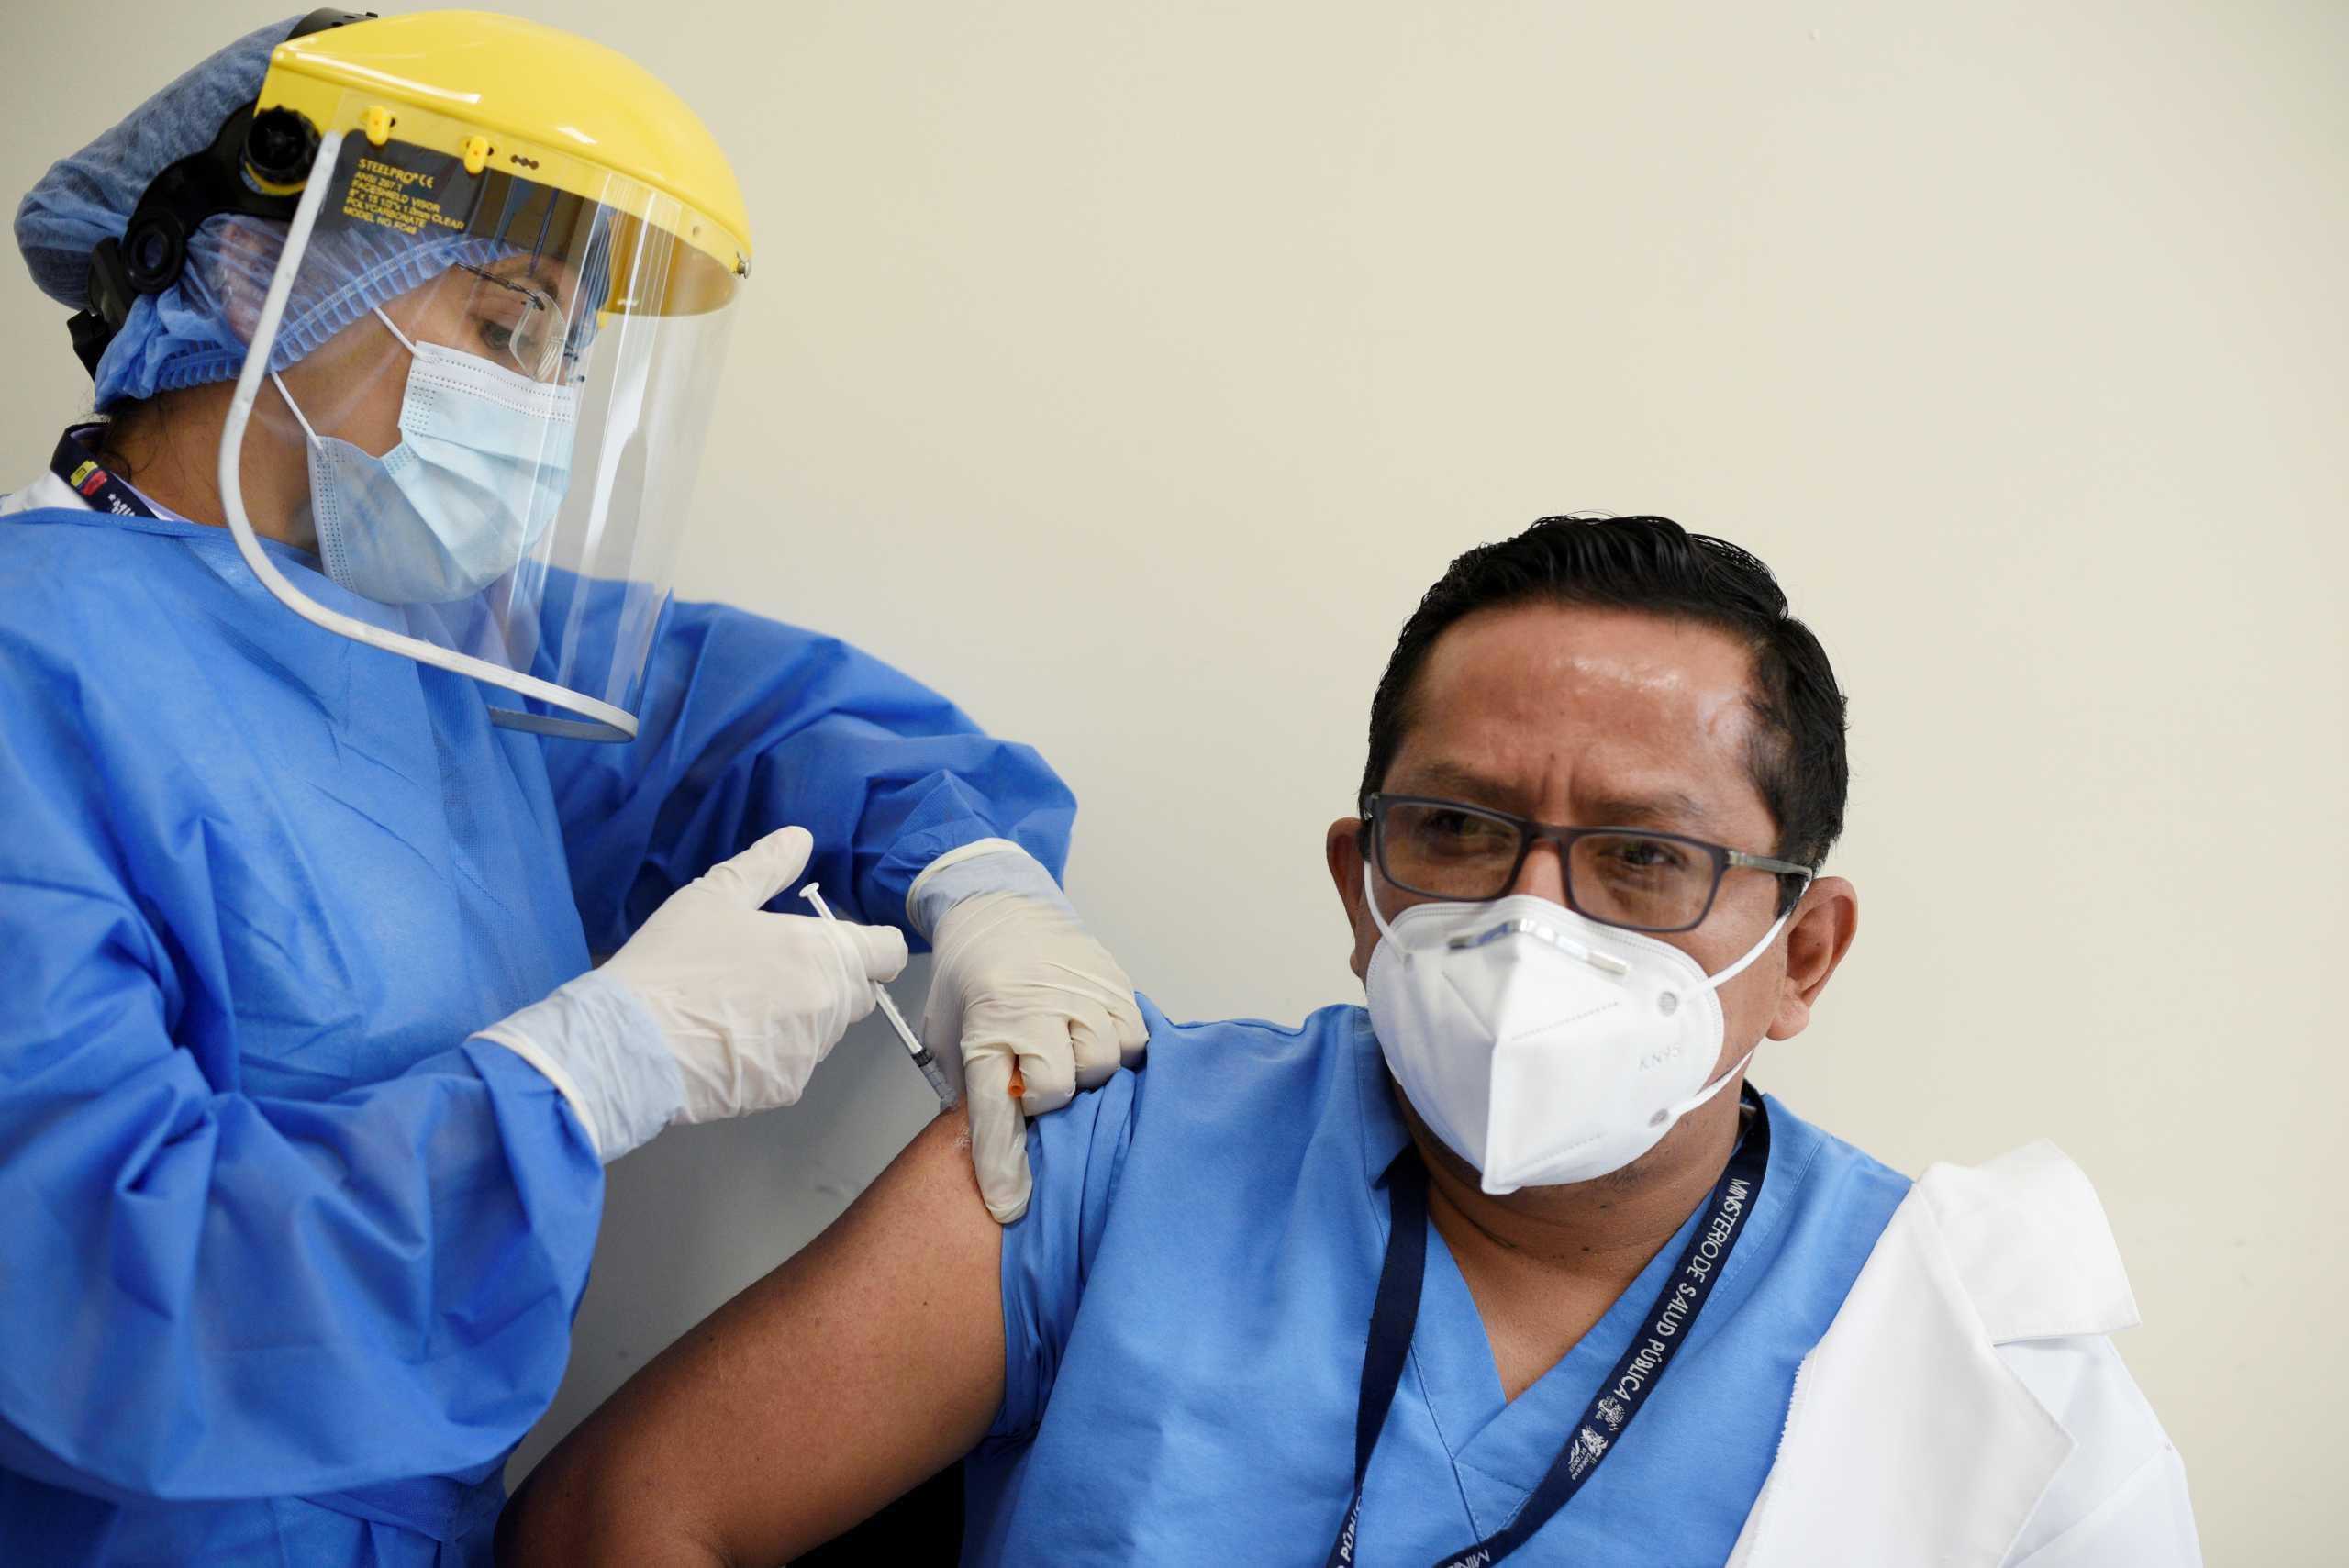 Ισημερινός: Και τρίτος υπουργός Υγείας παραιτήθηκε εν μέσω κορονοϊού